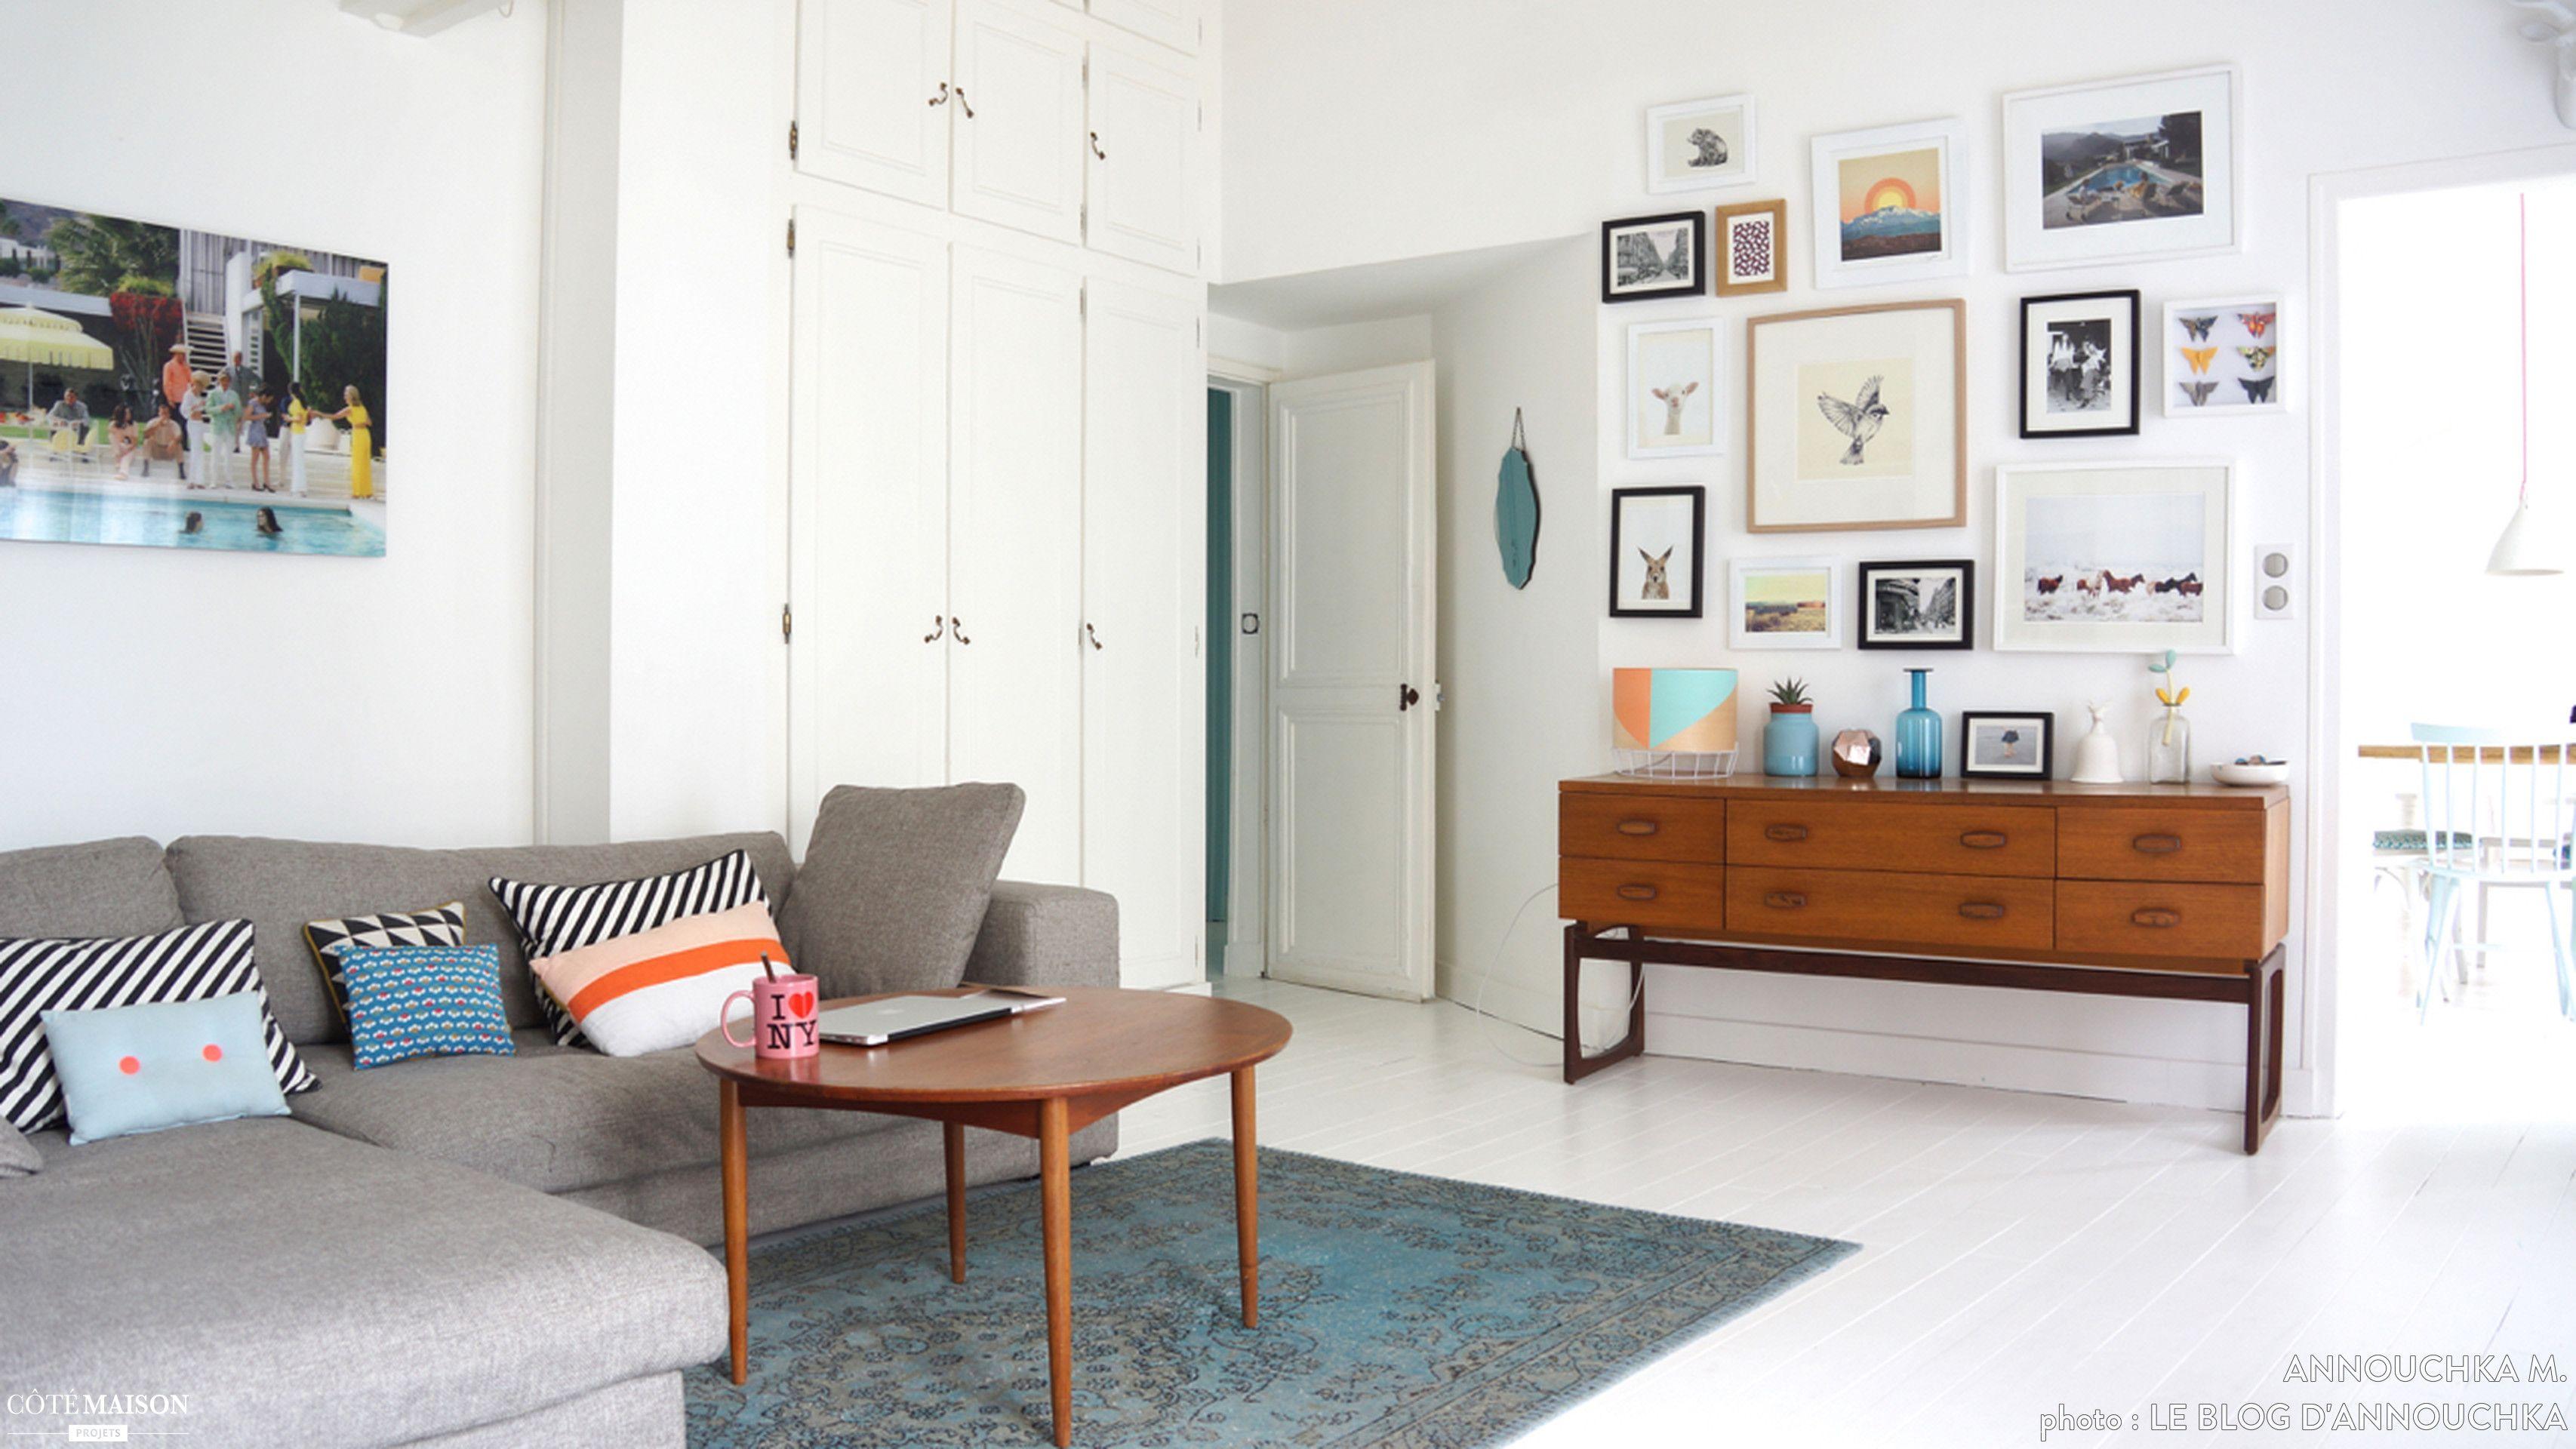 Style nordique décoration scandinave bienvenue chez cadres colorés intérieurs scandinaves classique chic couvert côté maison déco salon